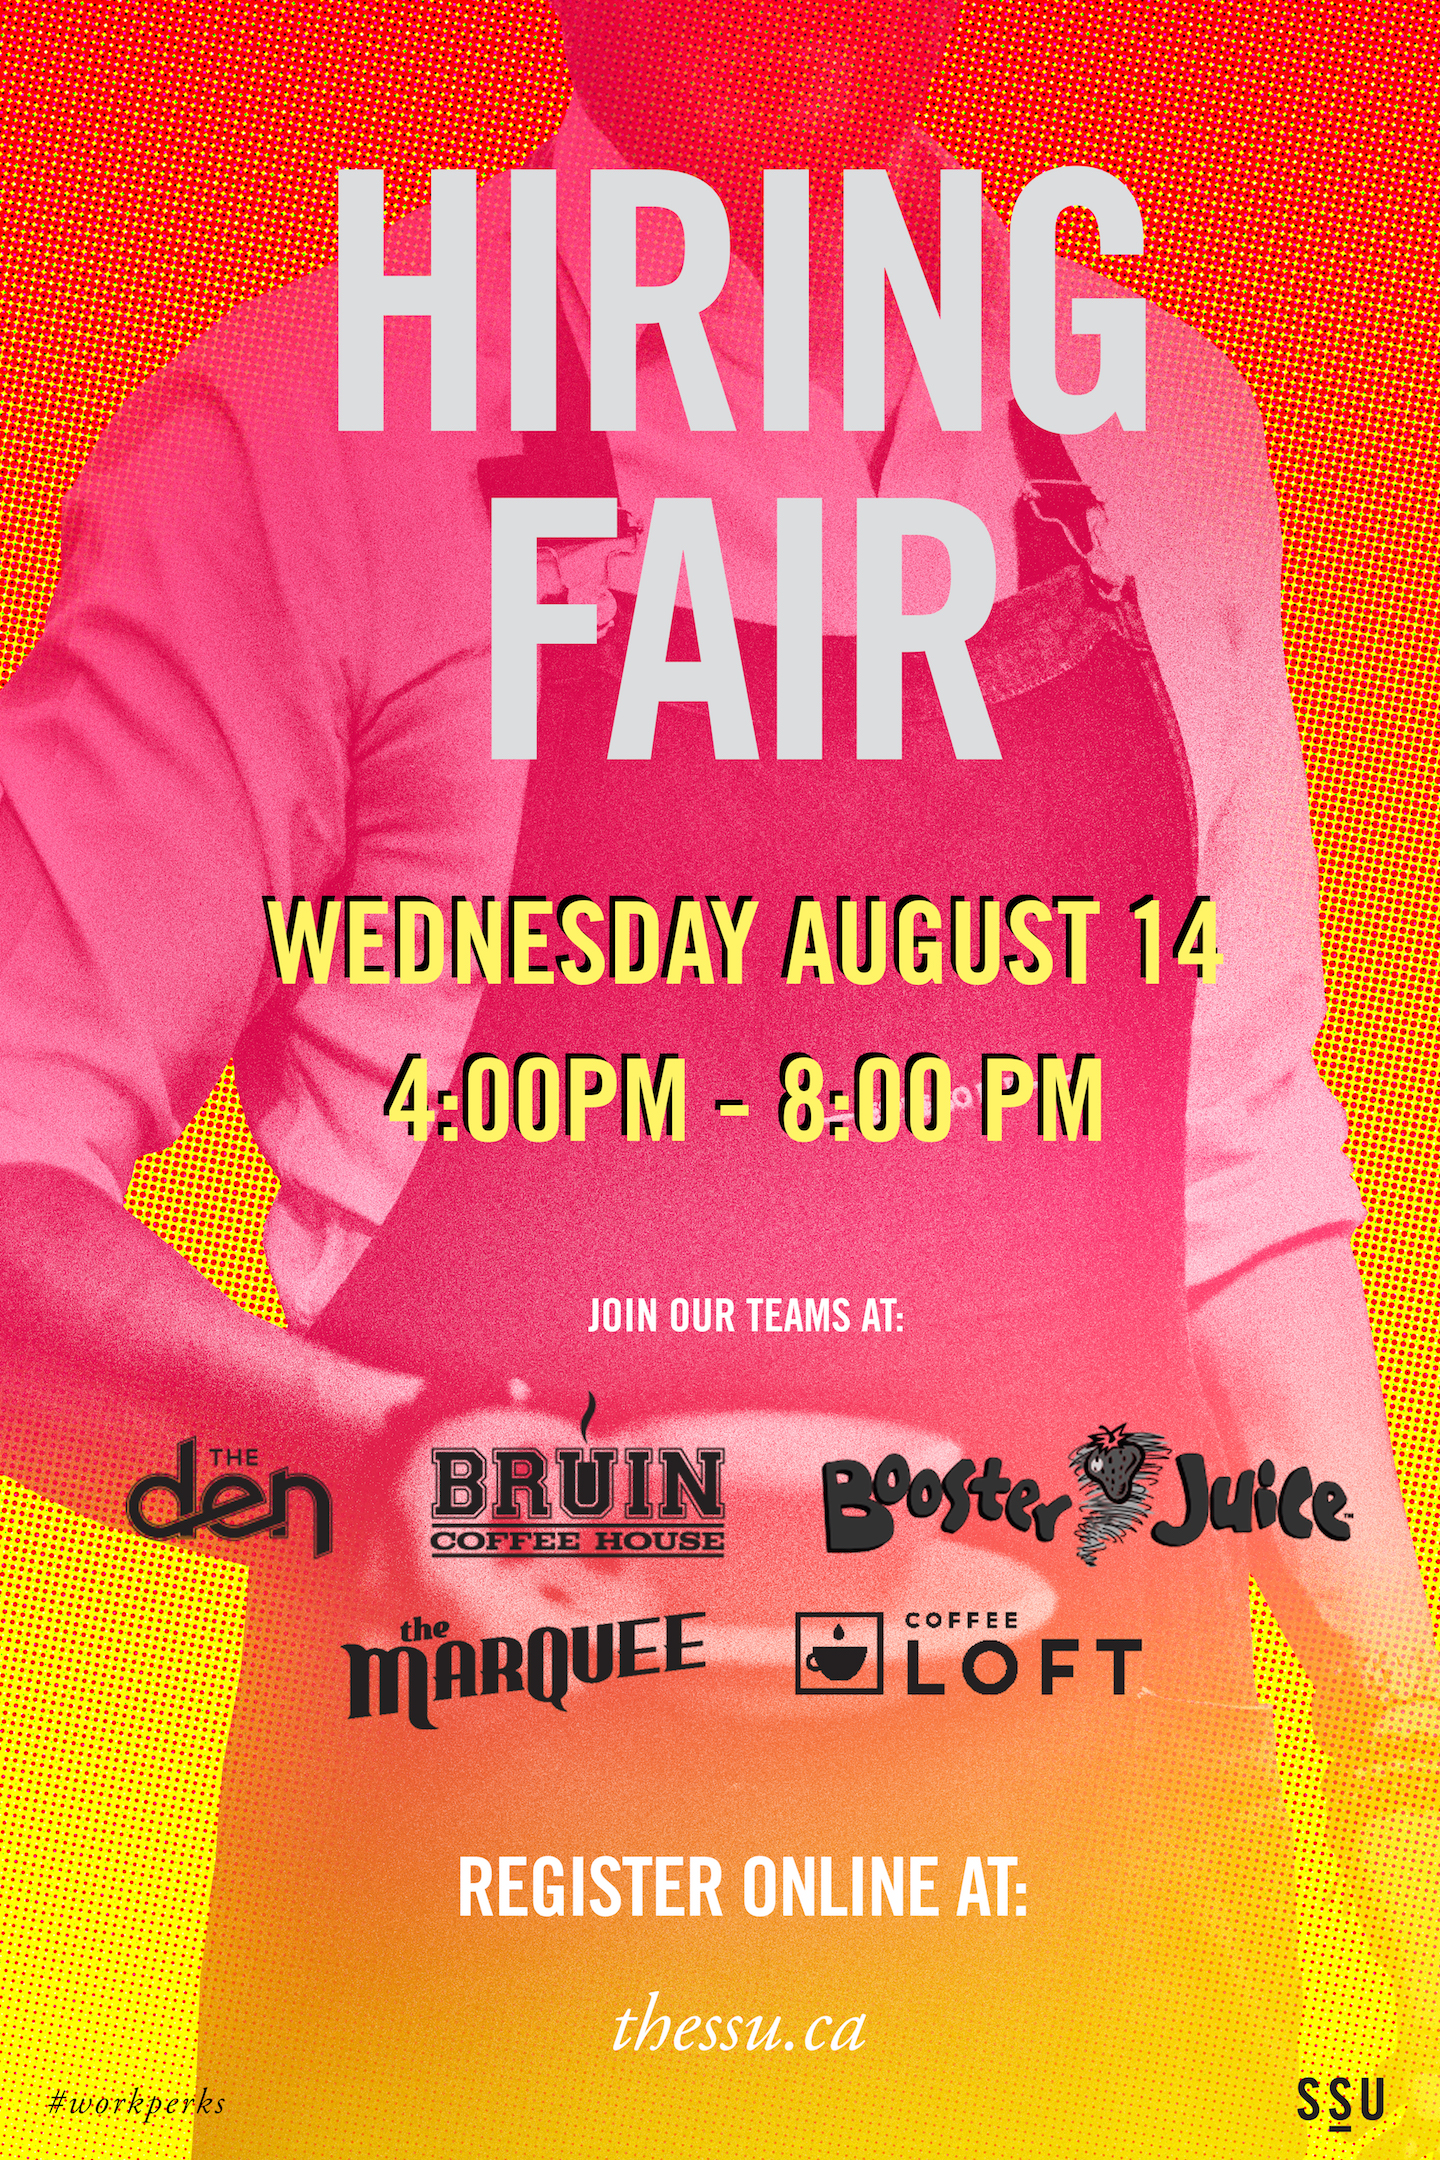 hiring_fair_Aug14.jpg